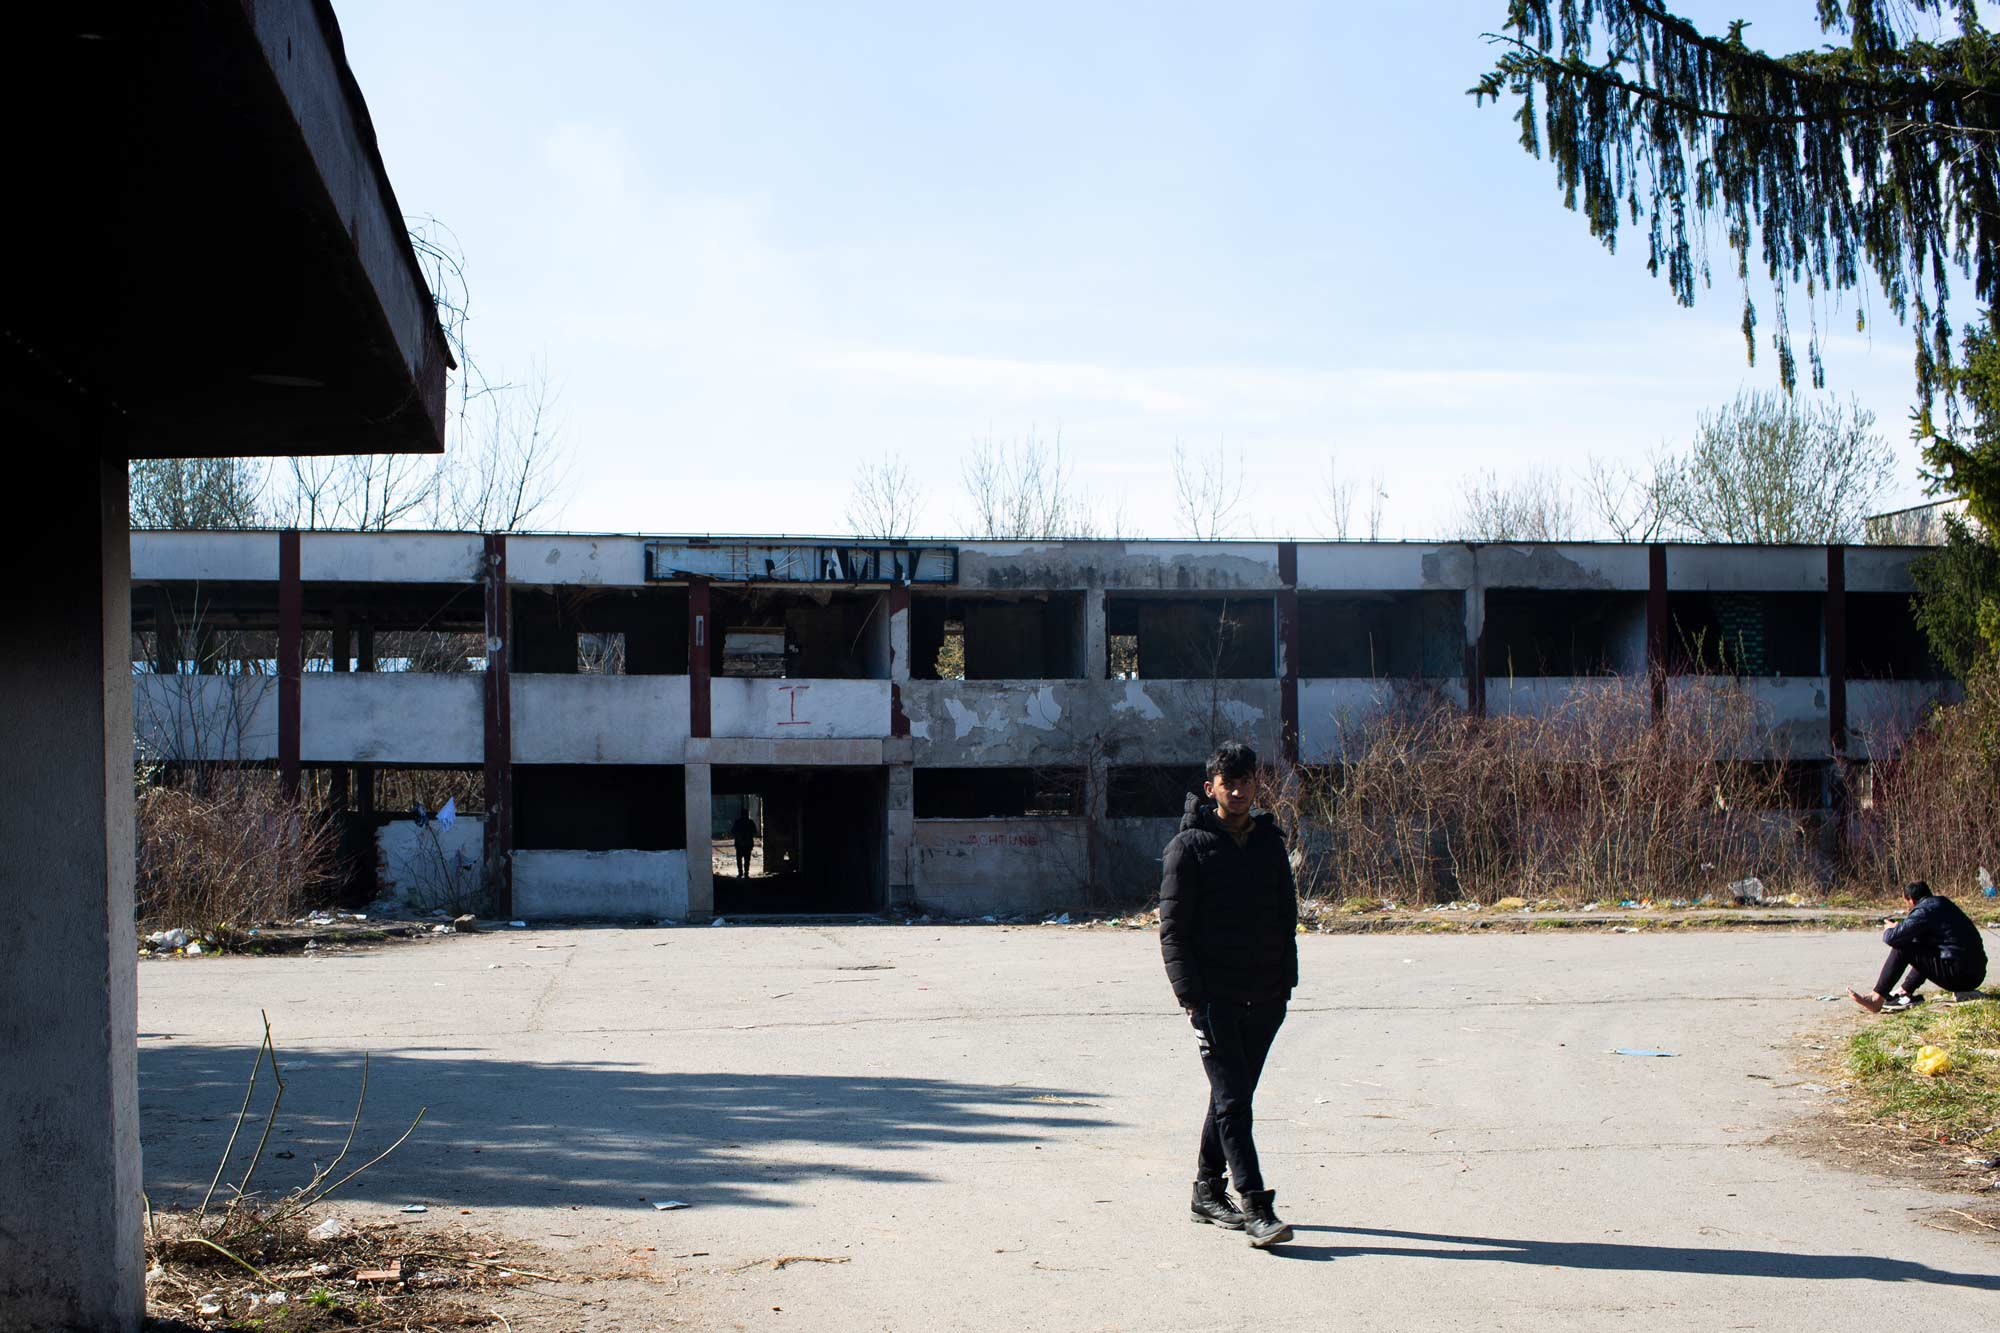 desperate refugees and migrants factory - <b>Крепость «Европа»:</b> как мигранты сталкиваются с полицейской жестокостью на Балканах - Заборона